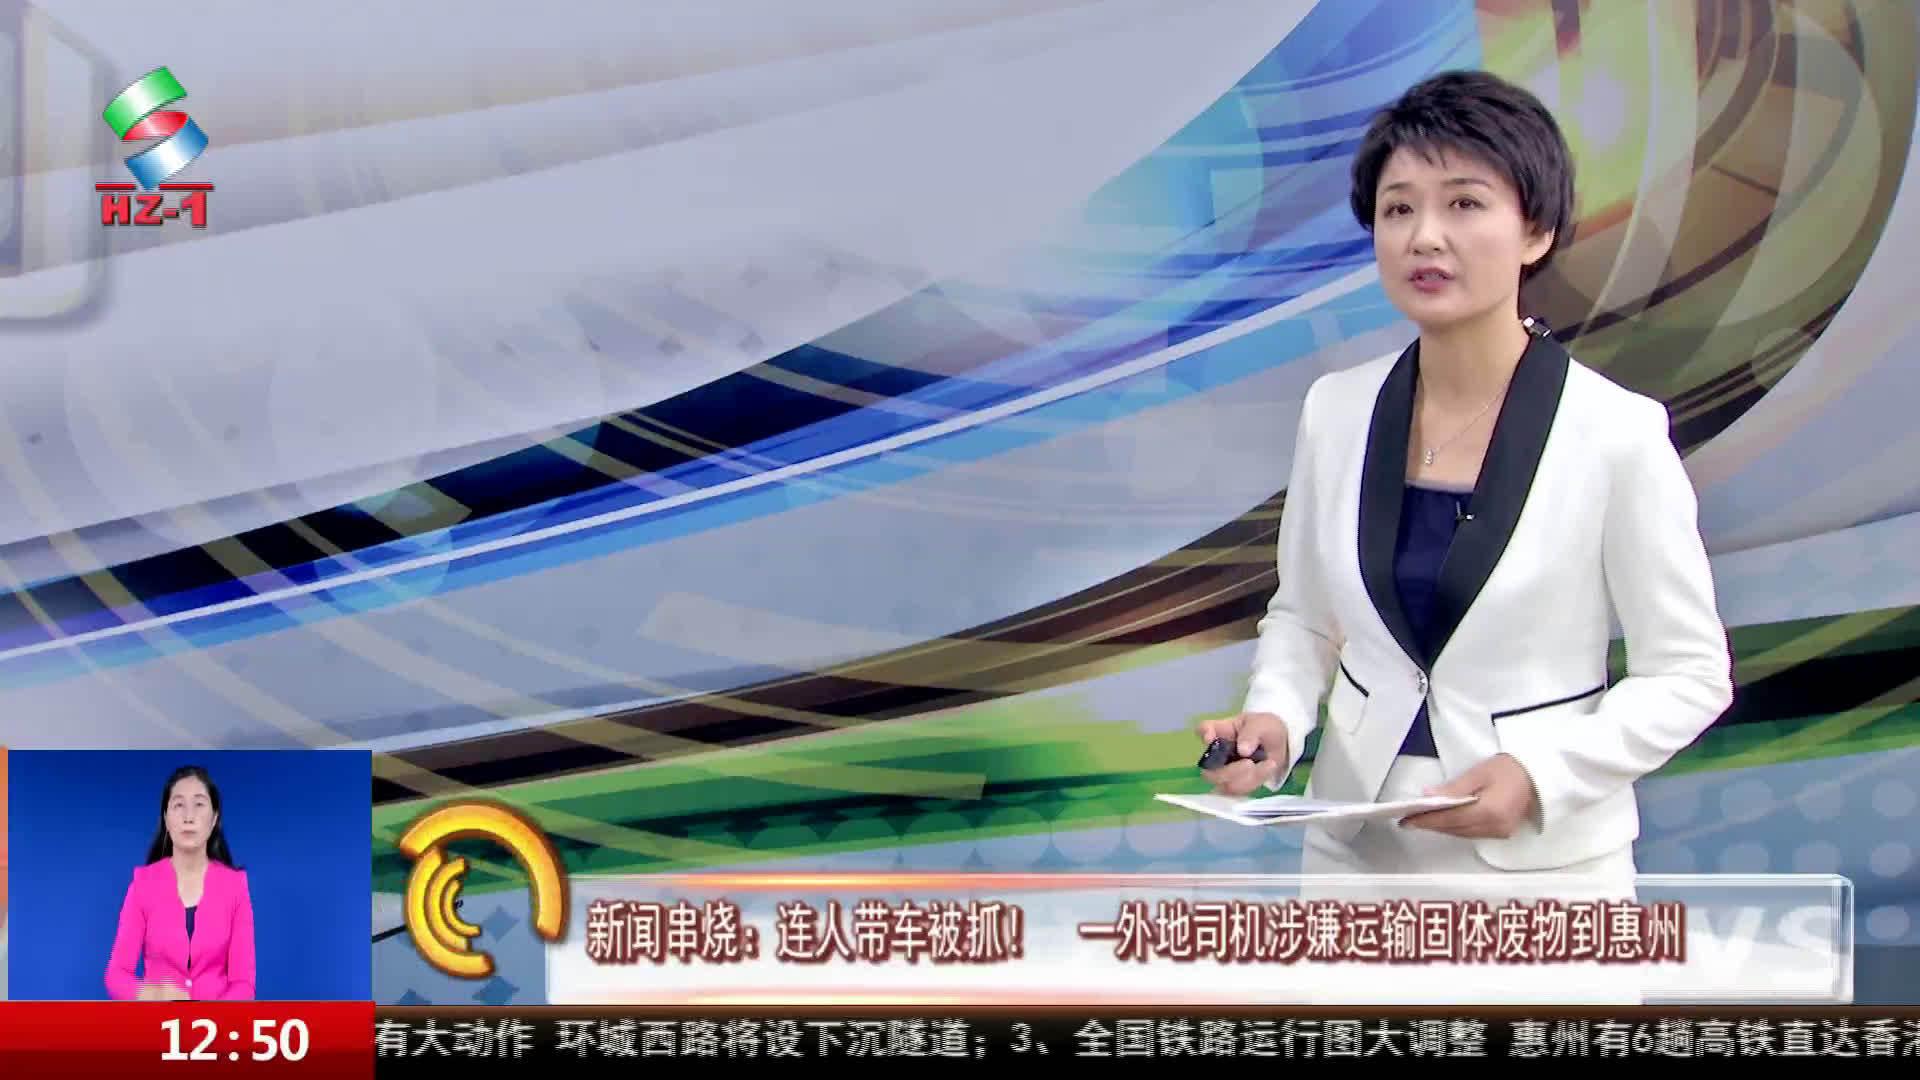 连人带车被抓!一外地司机涉嫌运输固体废物到惠州